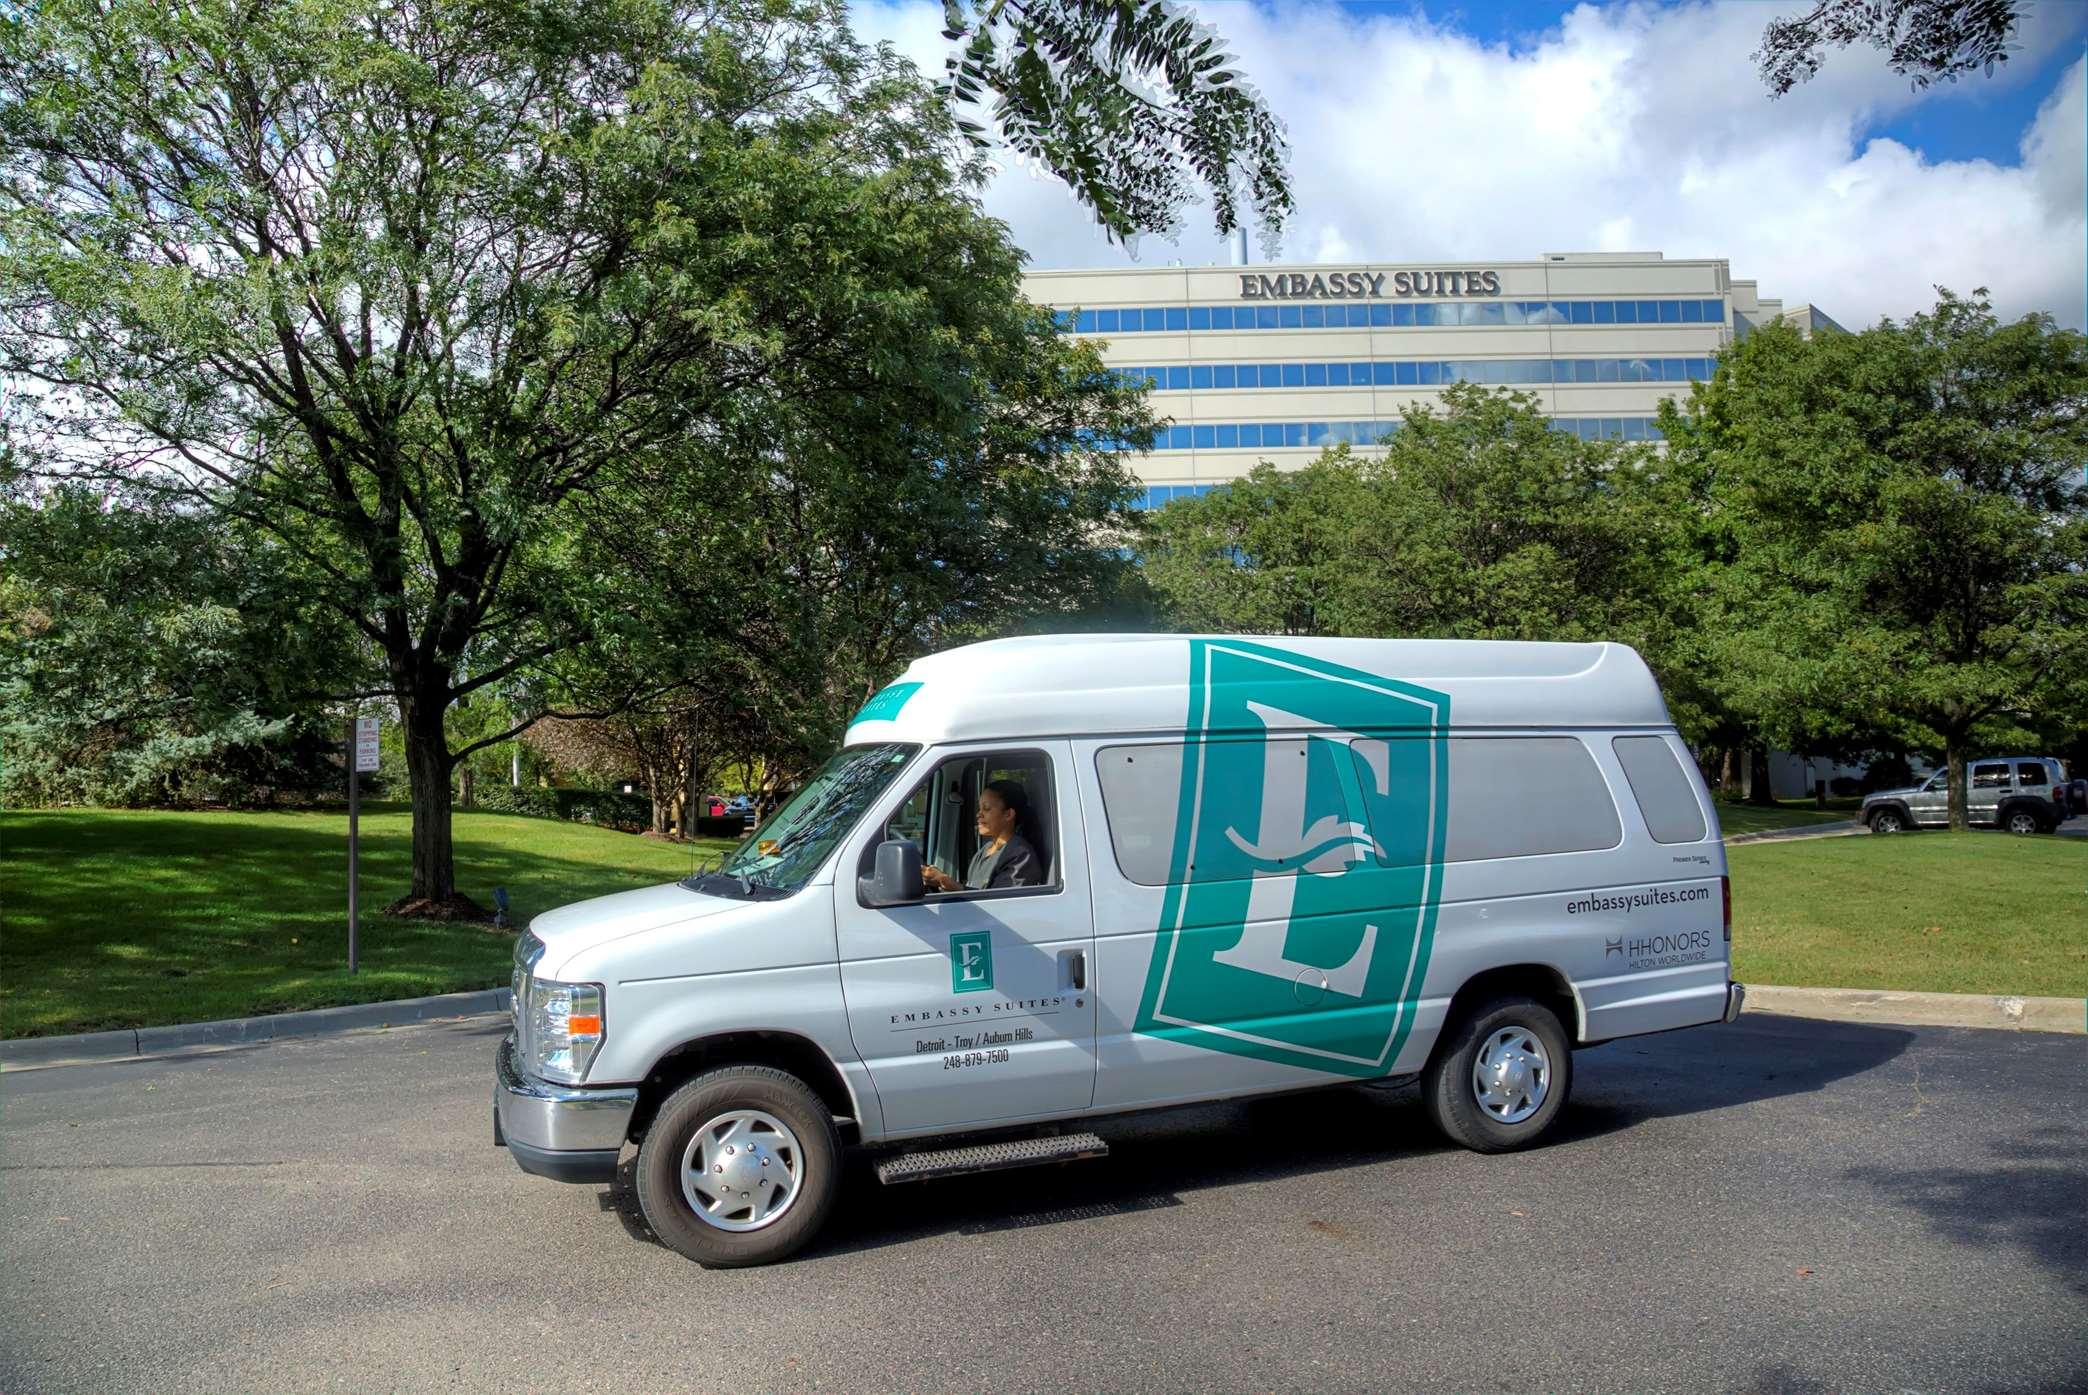 Embassy Suites by Hilton Detroit Troy Auburn Hills image 41